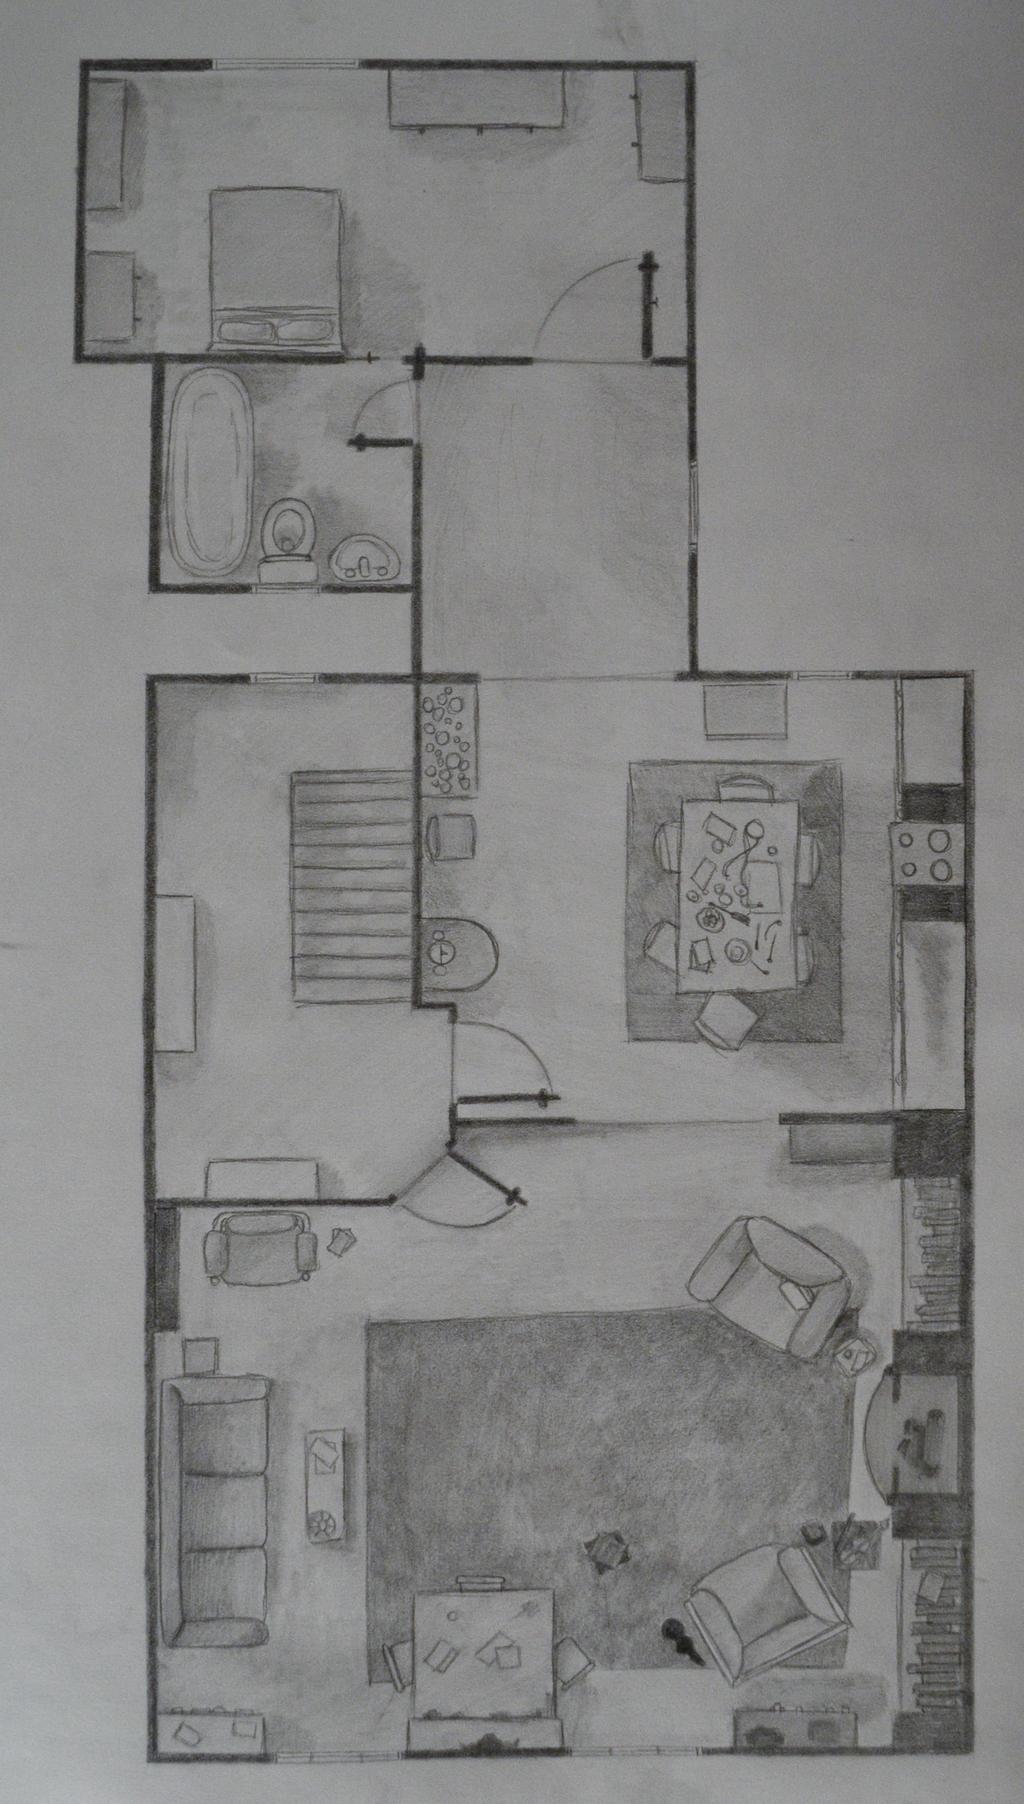 221b Baker Street Floor Plan Floorplan Of 221b Baker Street By Picturemusic779 On